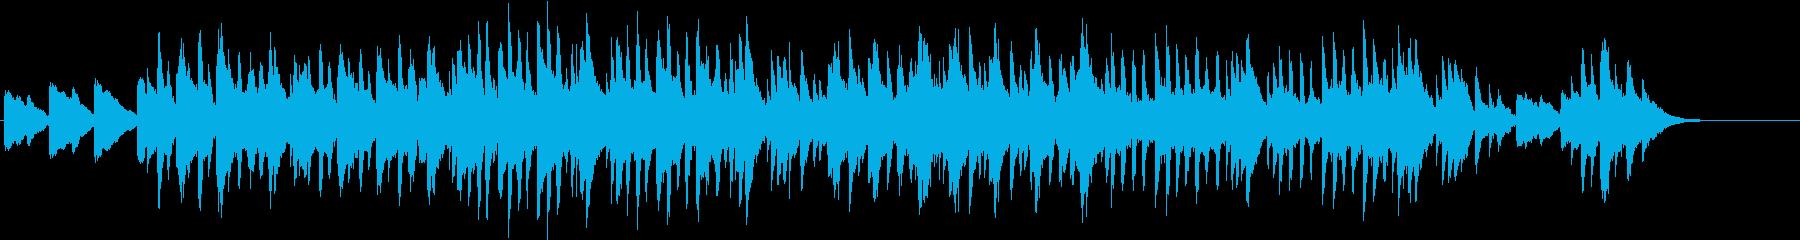 怪しげなピアノ  ルーマニア民俗舞曲の再生済みの波形